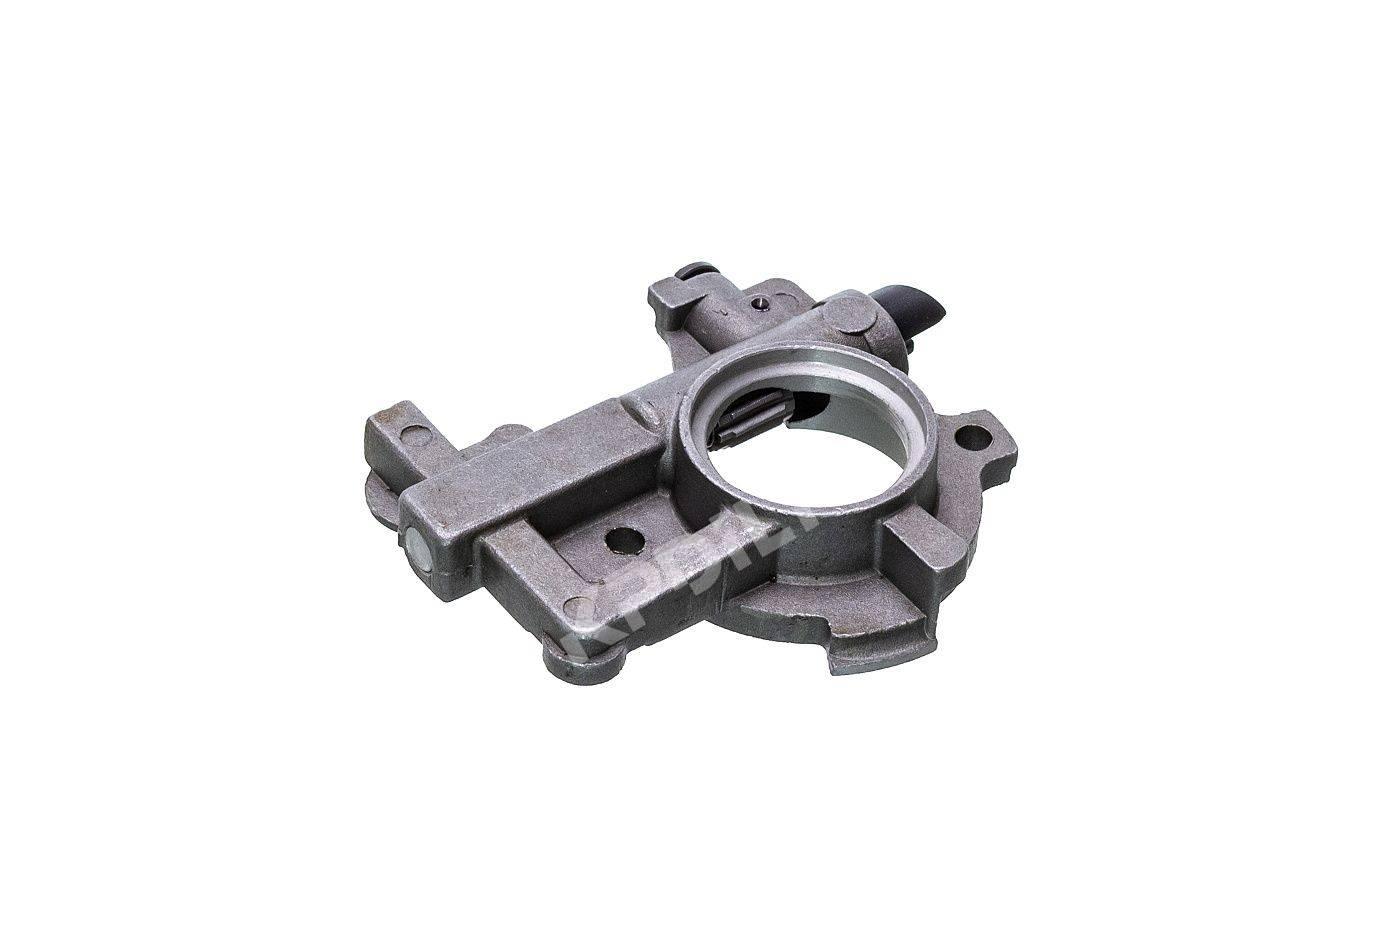 Olejové čerpadlo Stihl MS650 MS660 066 (1122 640 3205)